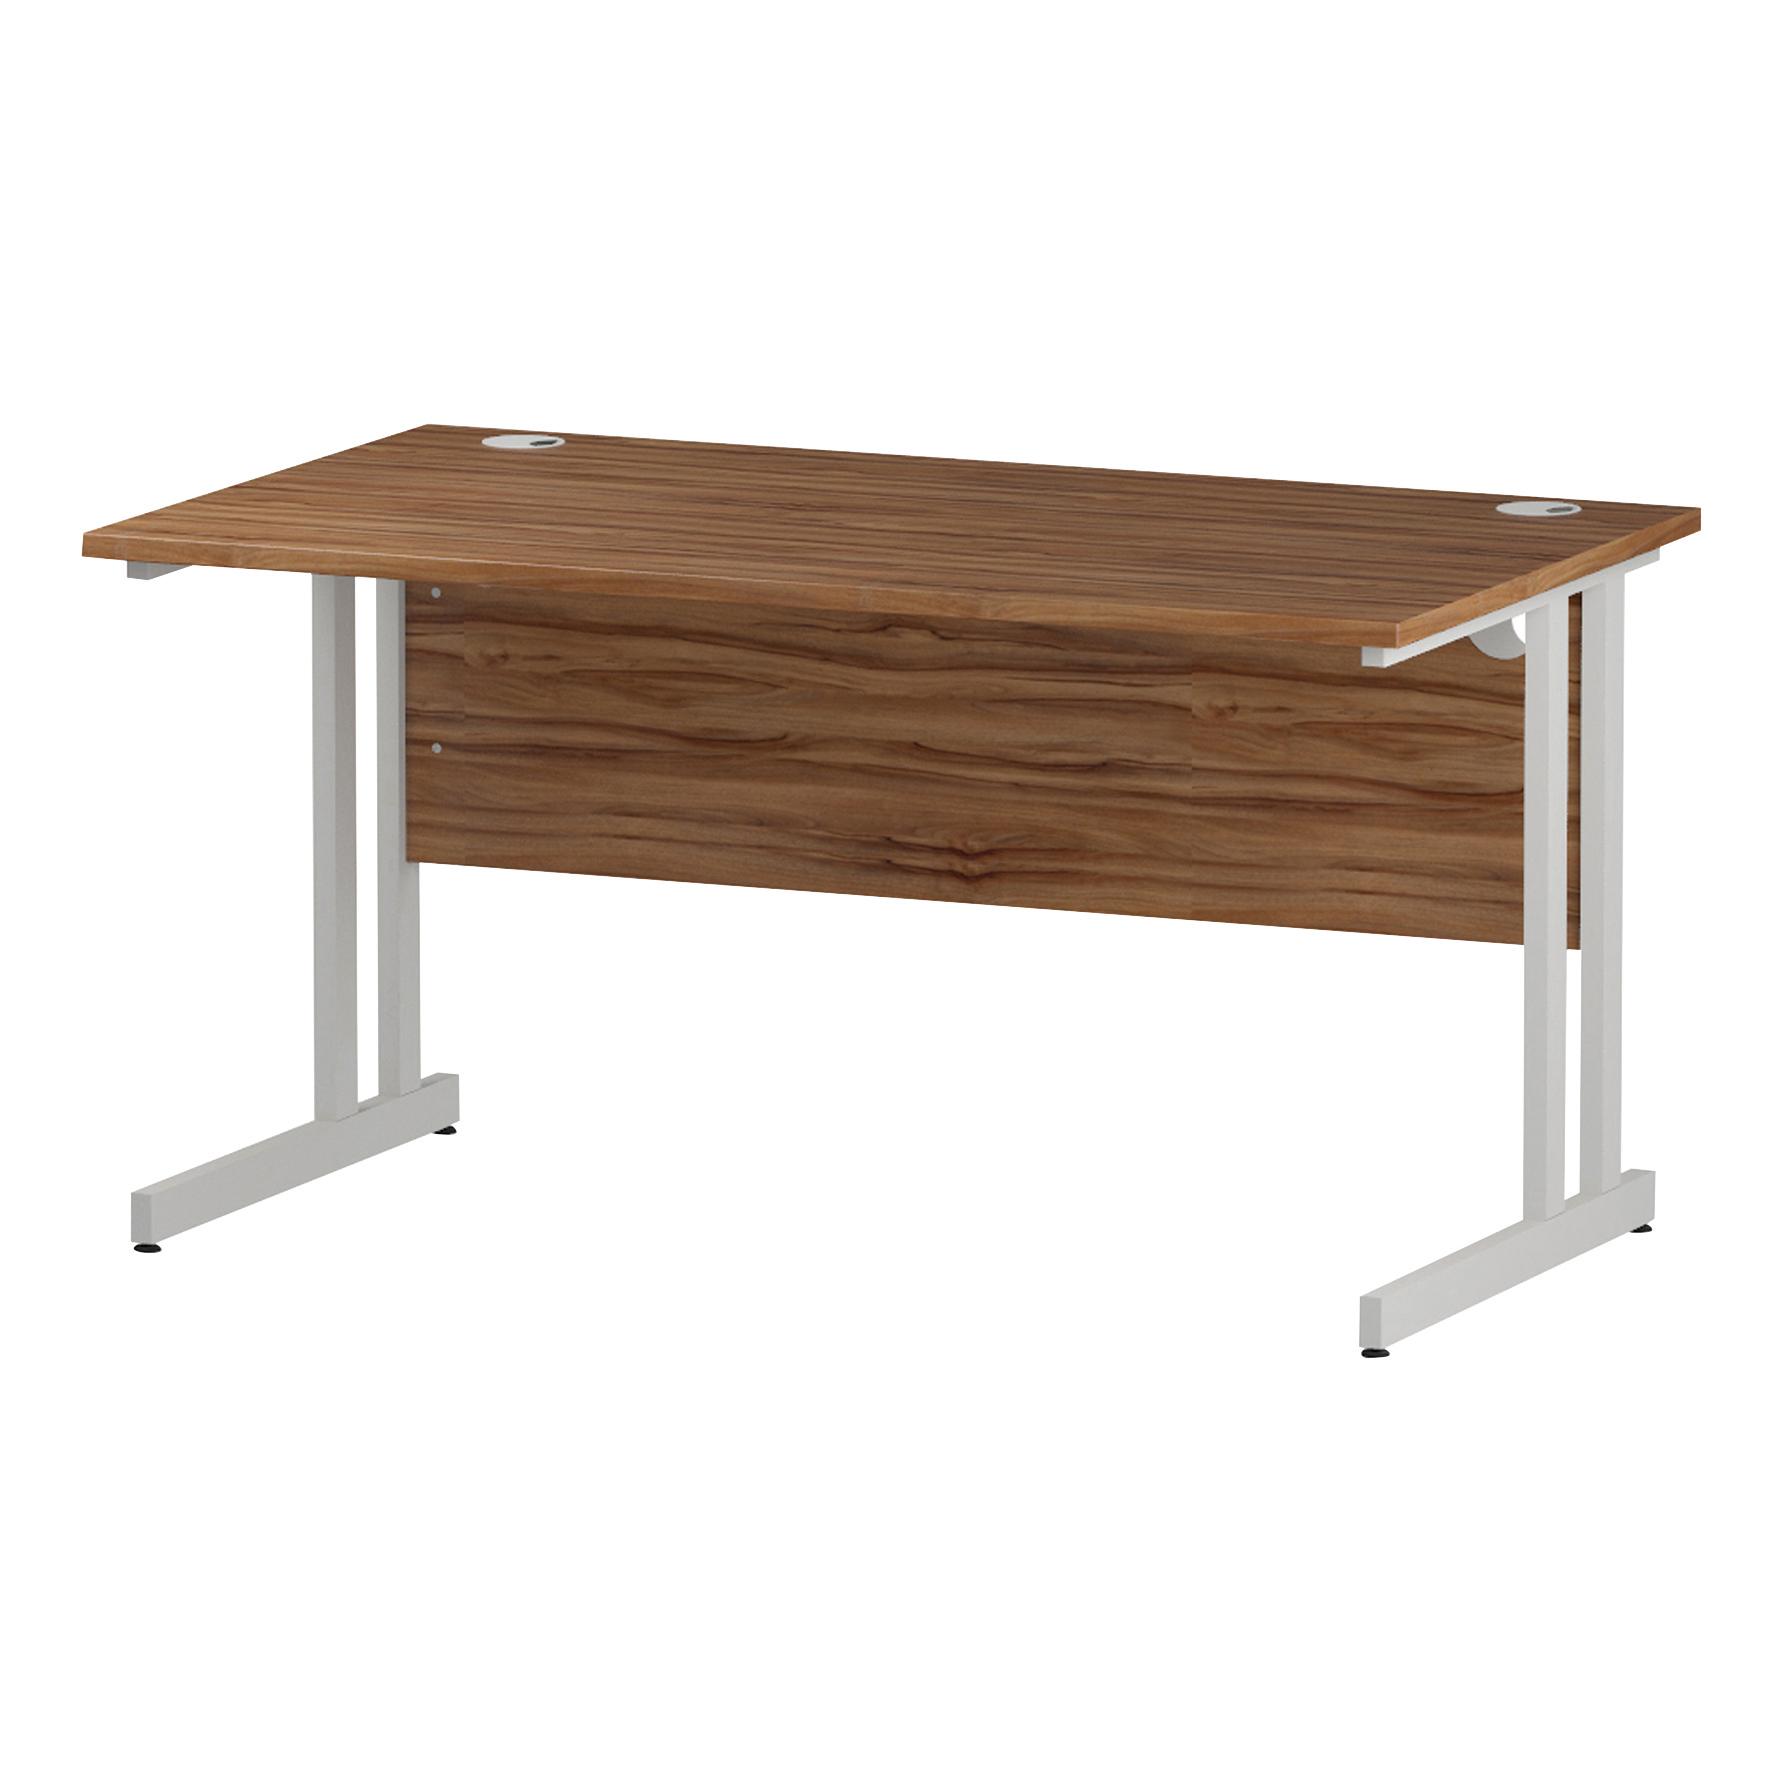 Trexus Rectangular Desk White Cantilever Leg 1400x800mm Walnut Ref I001906